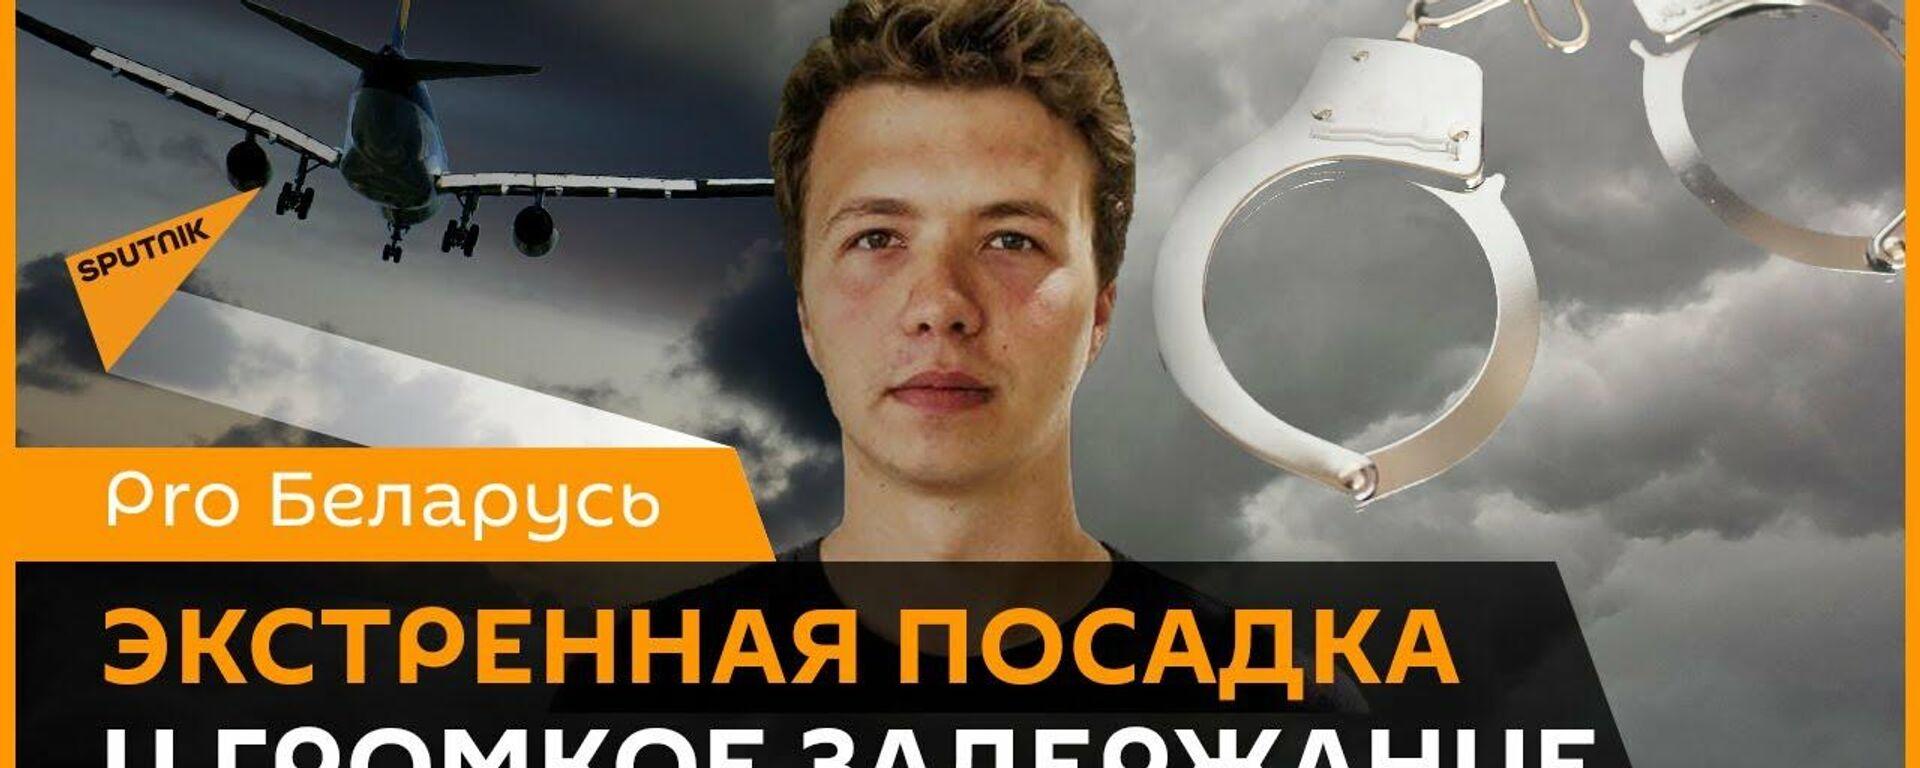 Задержание Протасевича: что произошло с самолетом Ryanair? - Sputnik Узбекистан, 1920, 25.05.2021